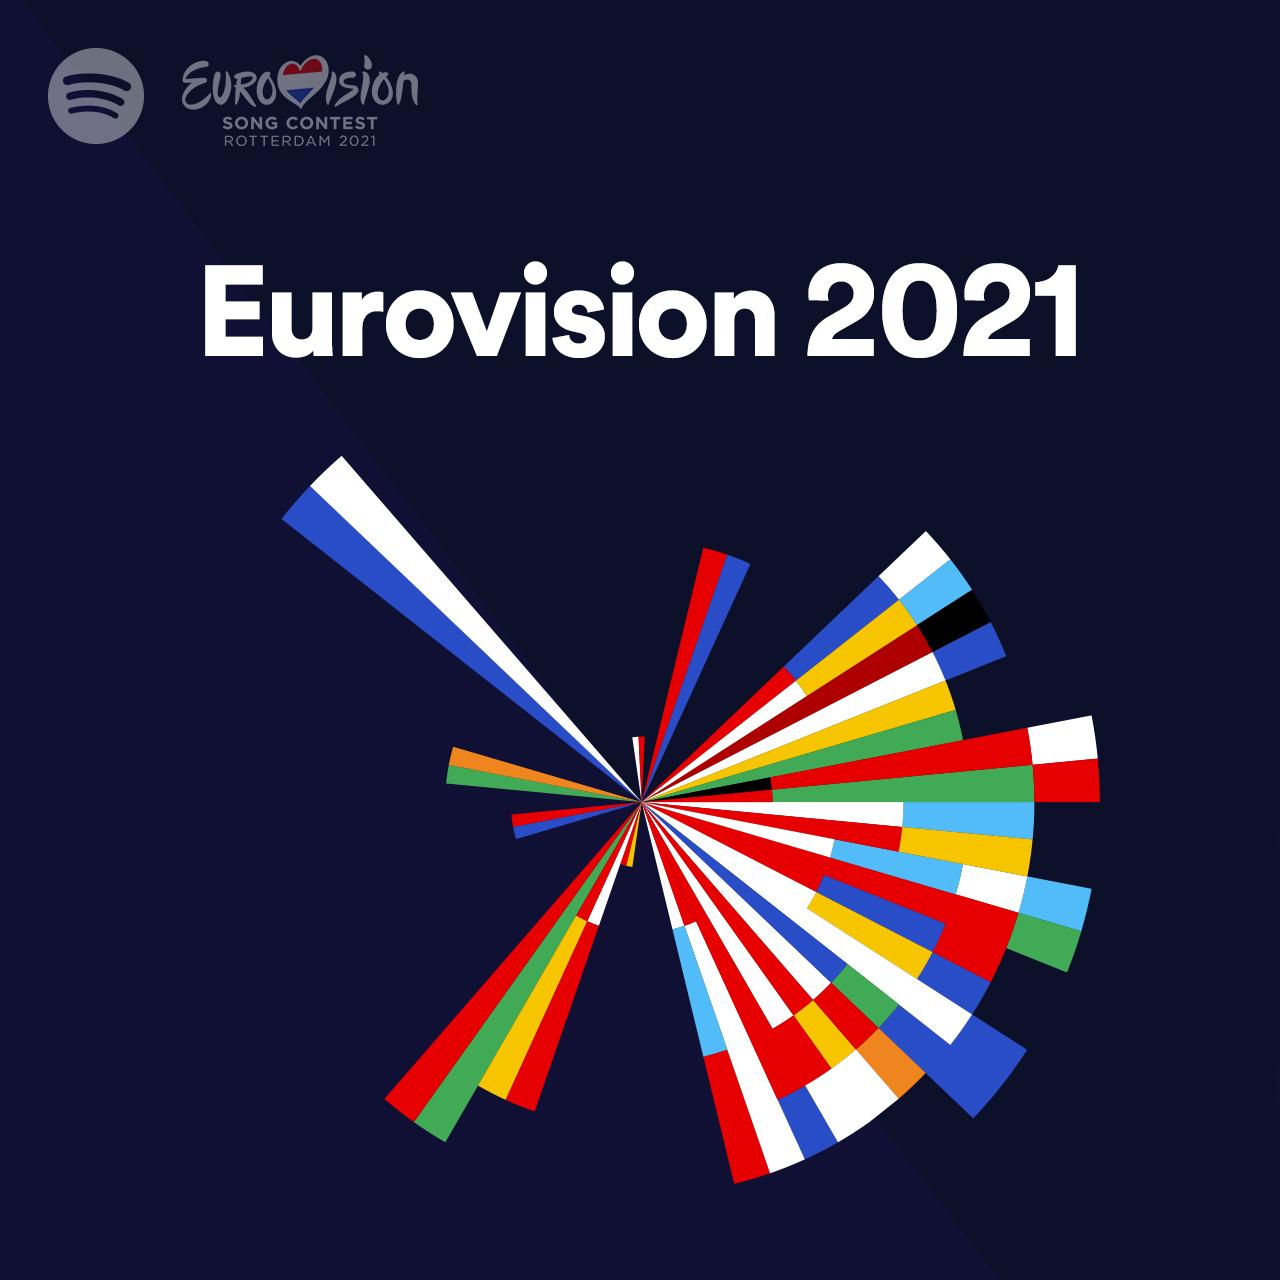 391509 eurovision 2021 d5df17 original 1621511013